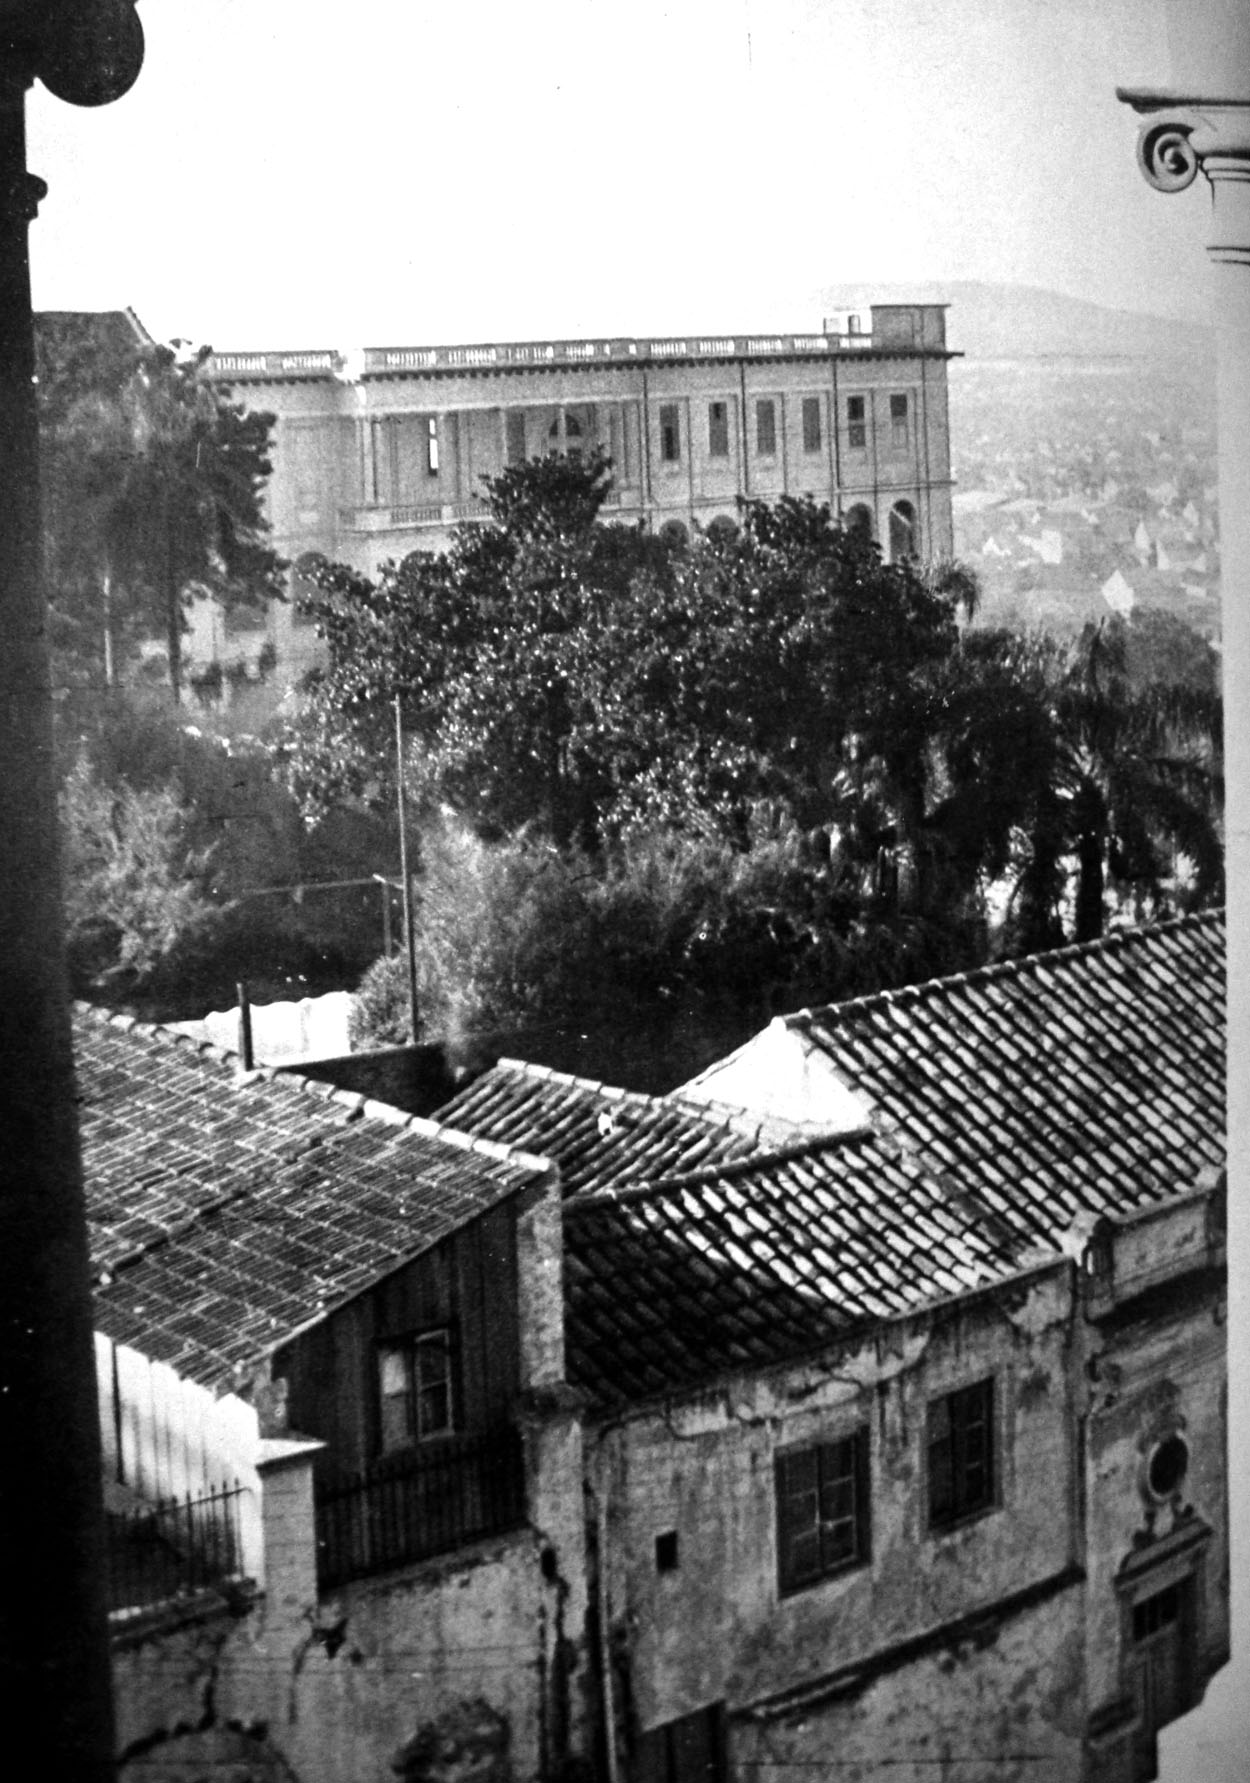 beco-do-imperio-album-de-porto-alegre-1941_w